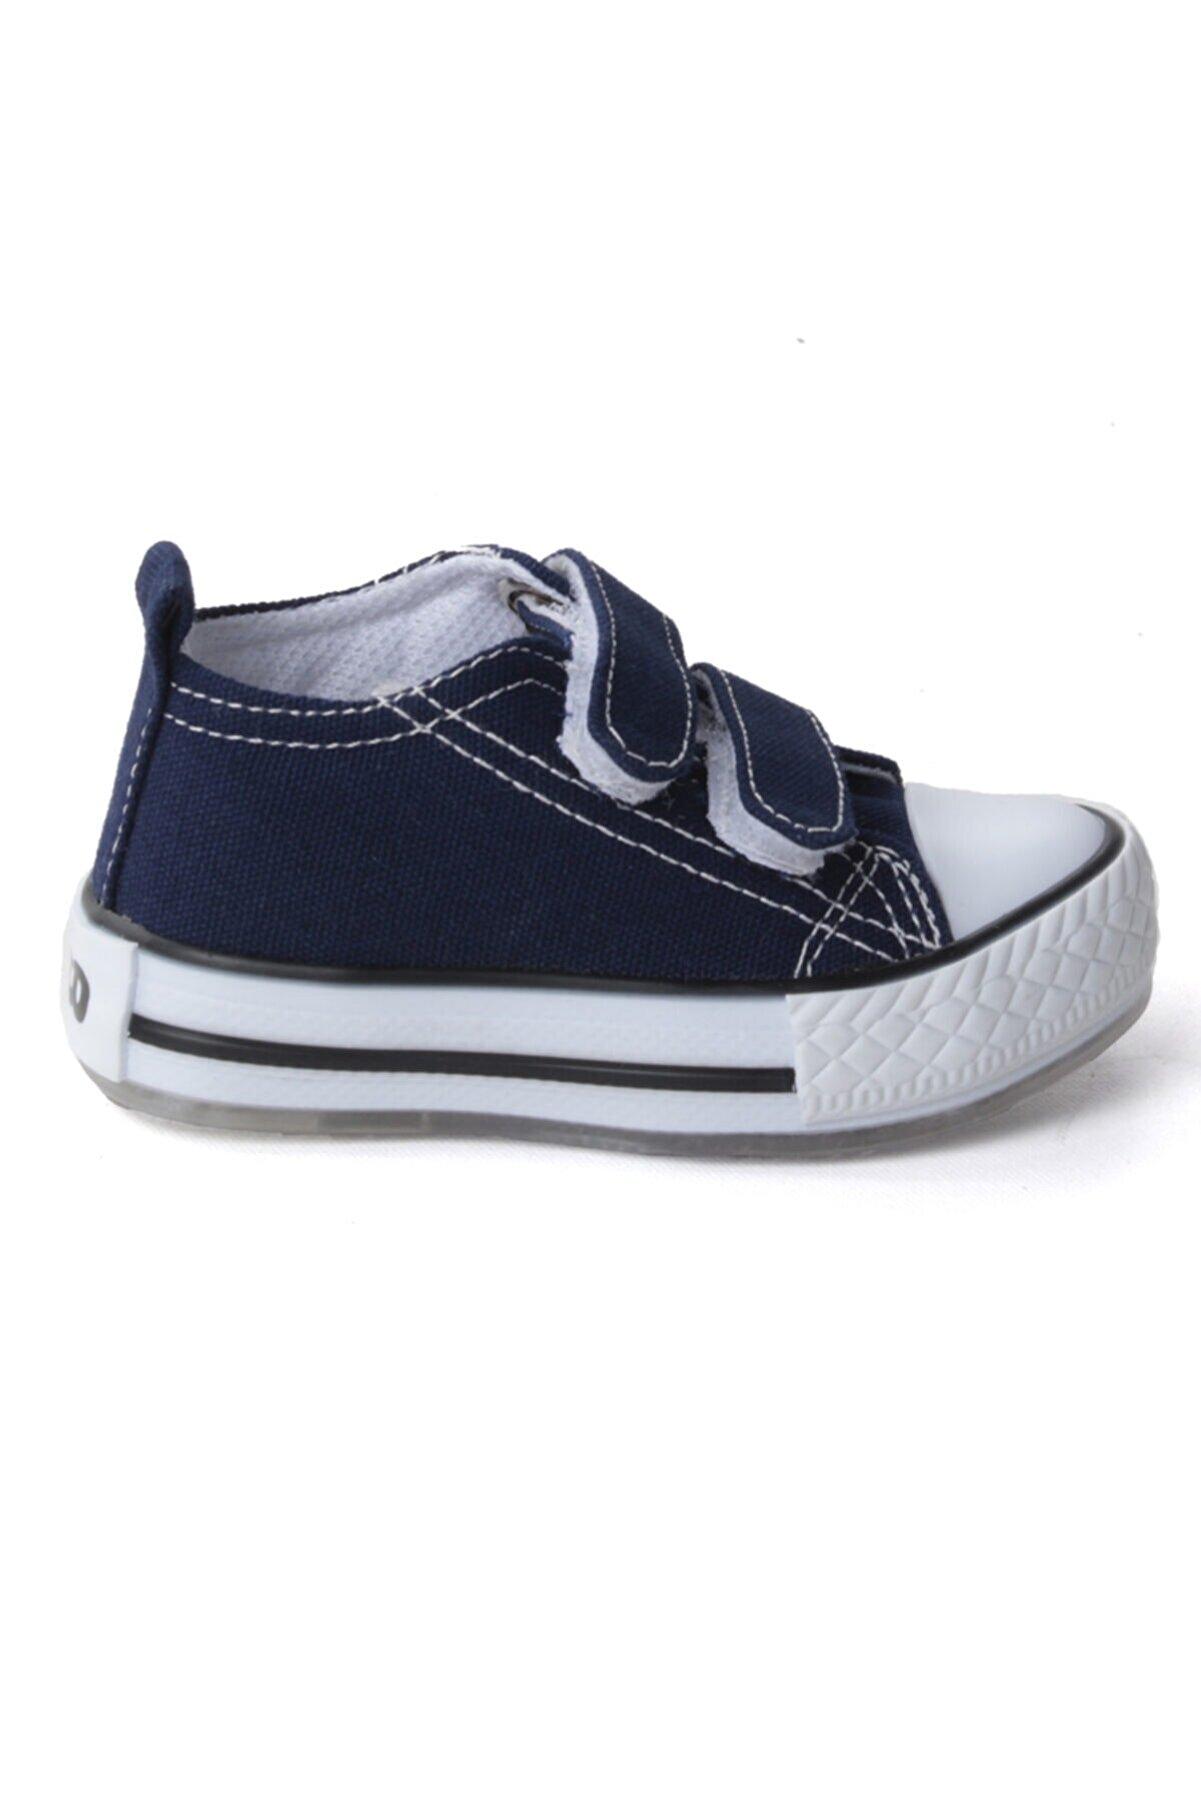 Vicco Günlük Işıklı Kız/erkek Çocuk Keten Ayakkabı